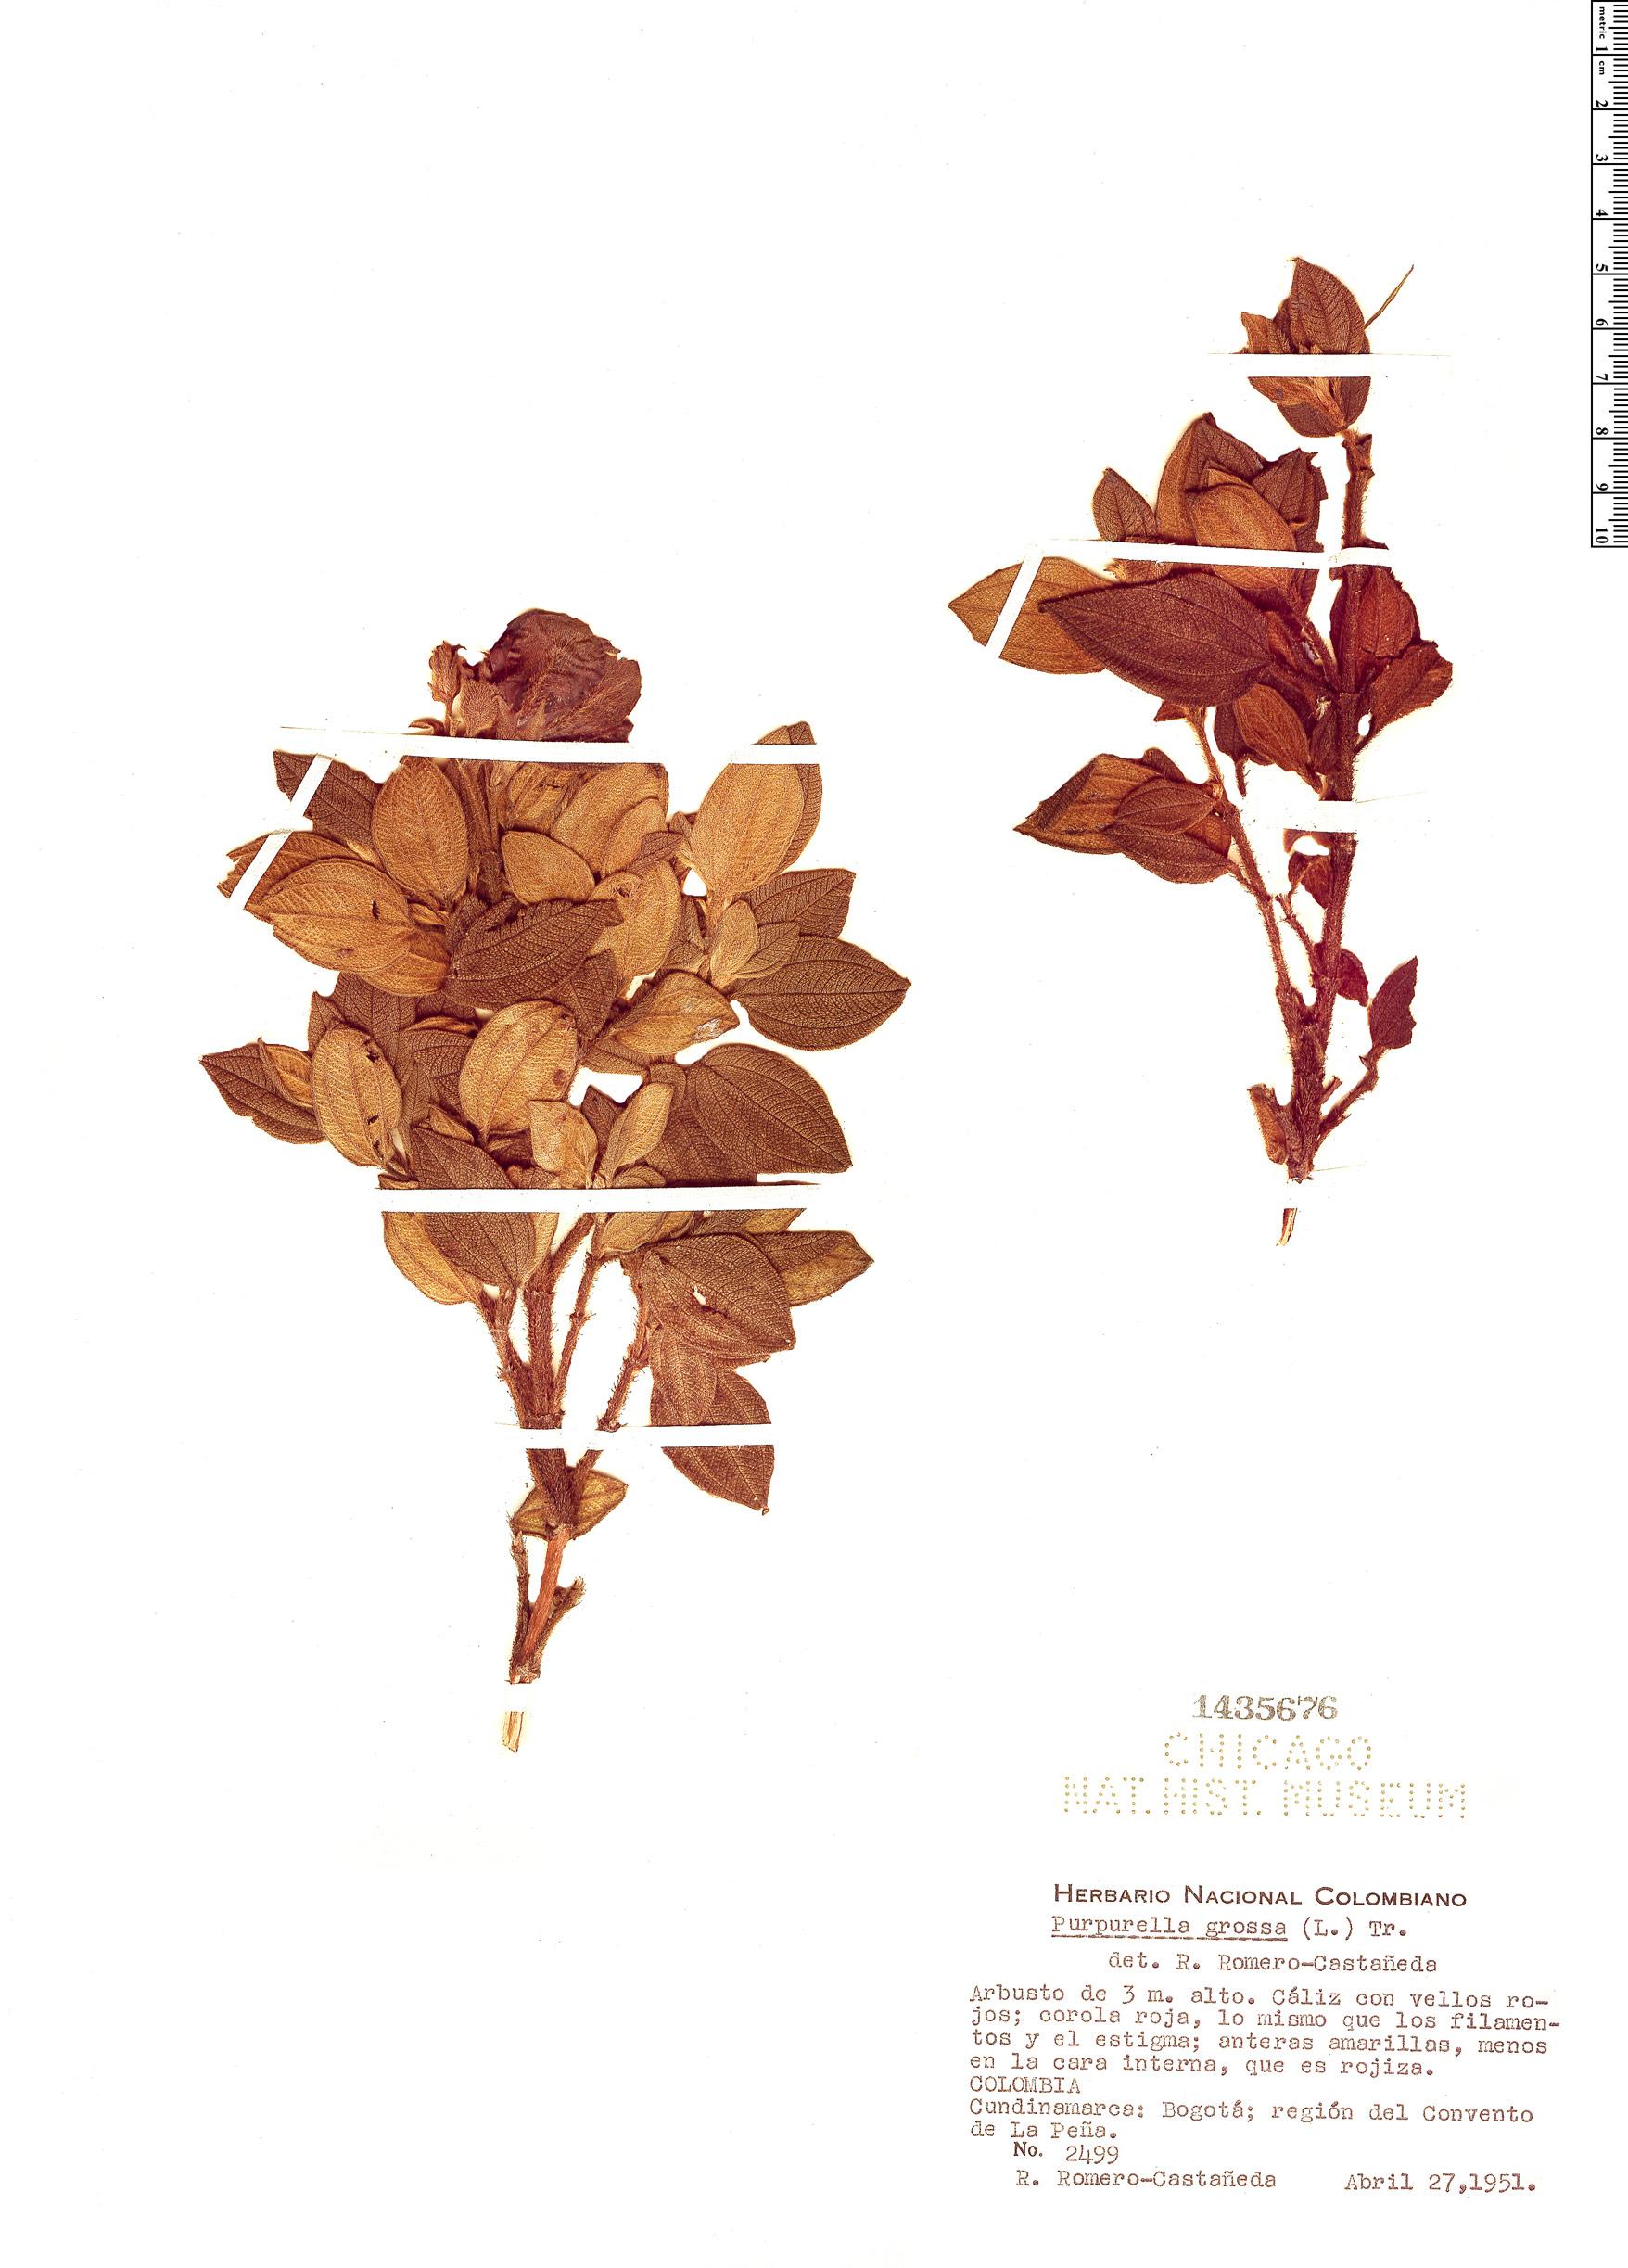 Specimen: Purpurella grossa